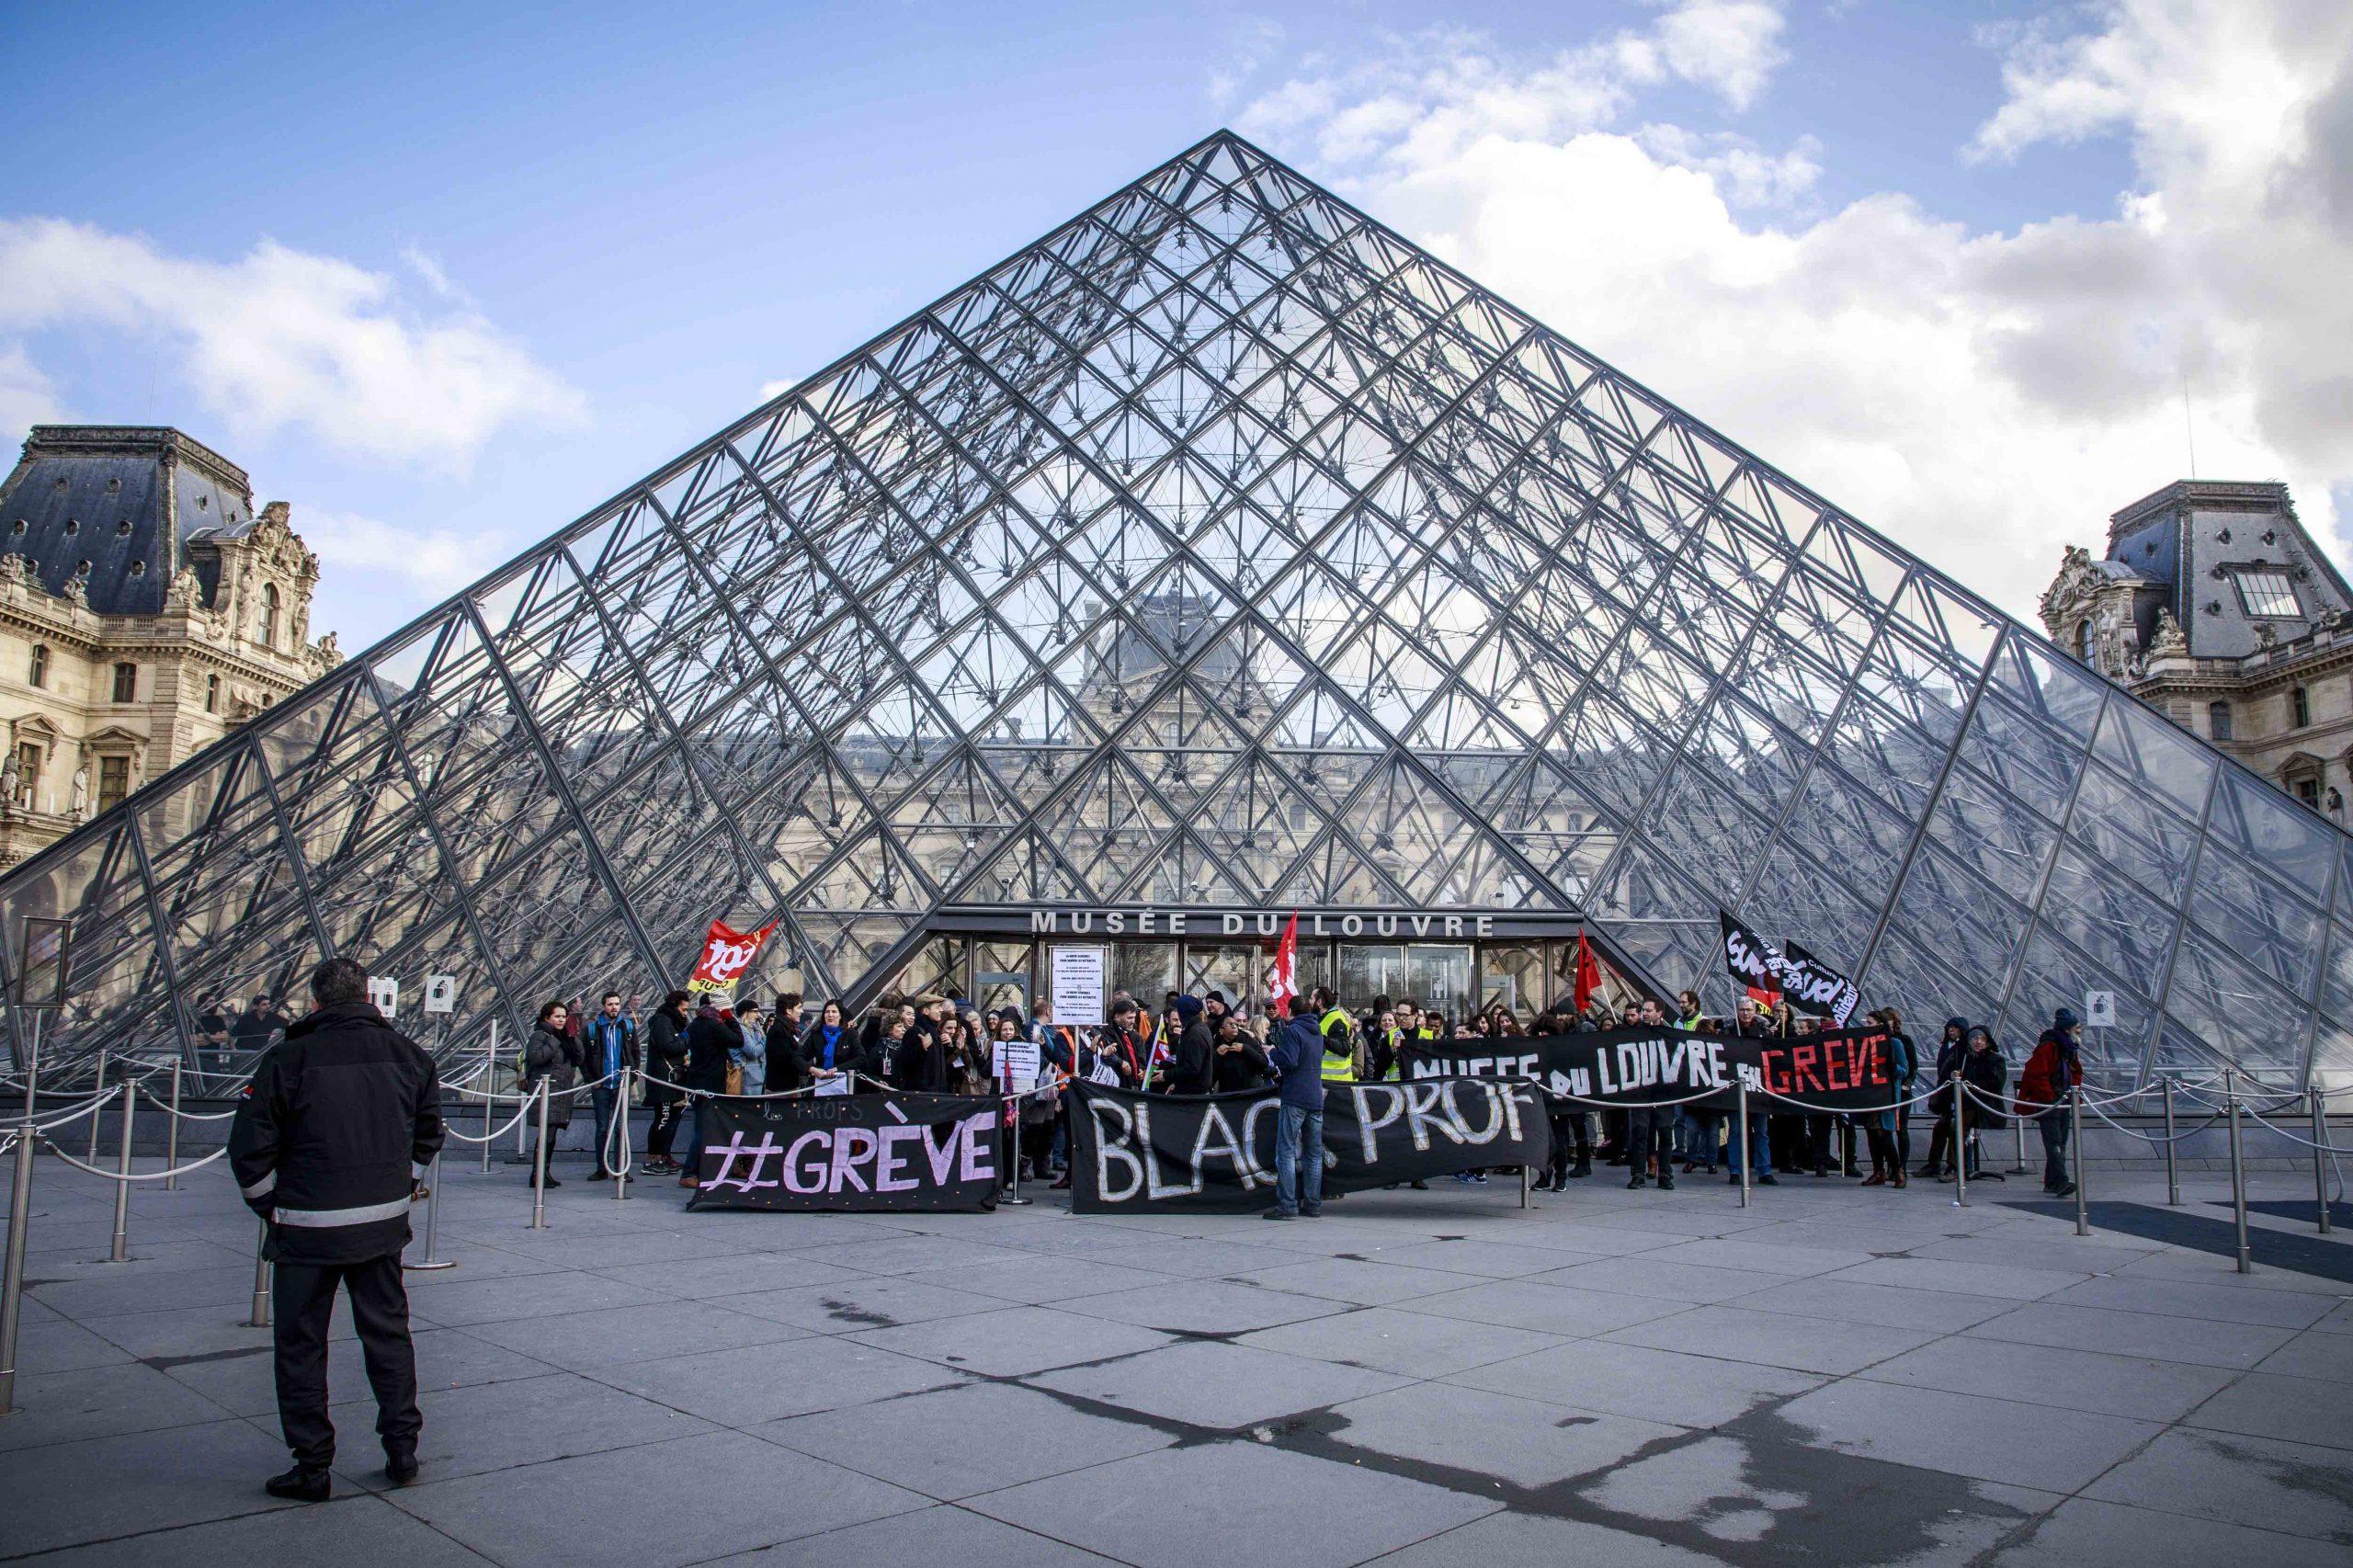 Betogers zorgen voor het sluiten van het Louvre in Parijs